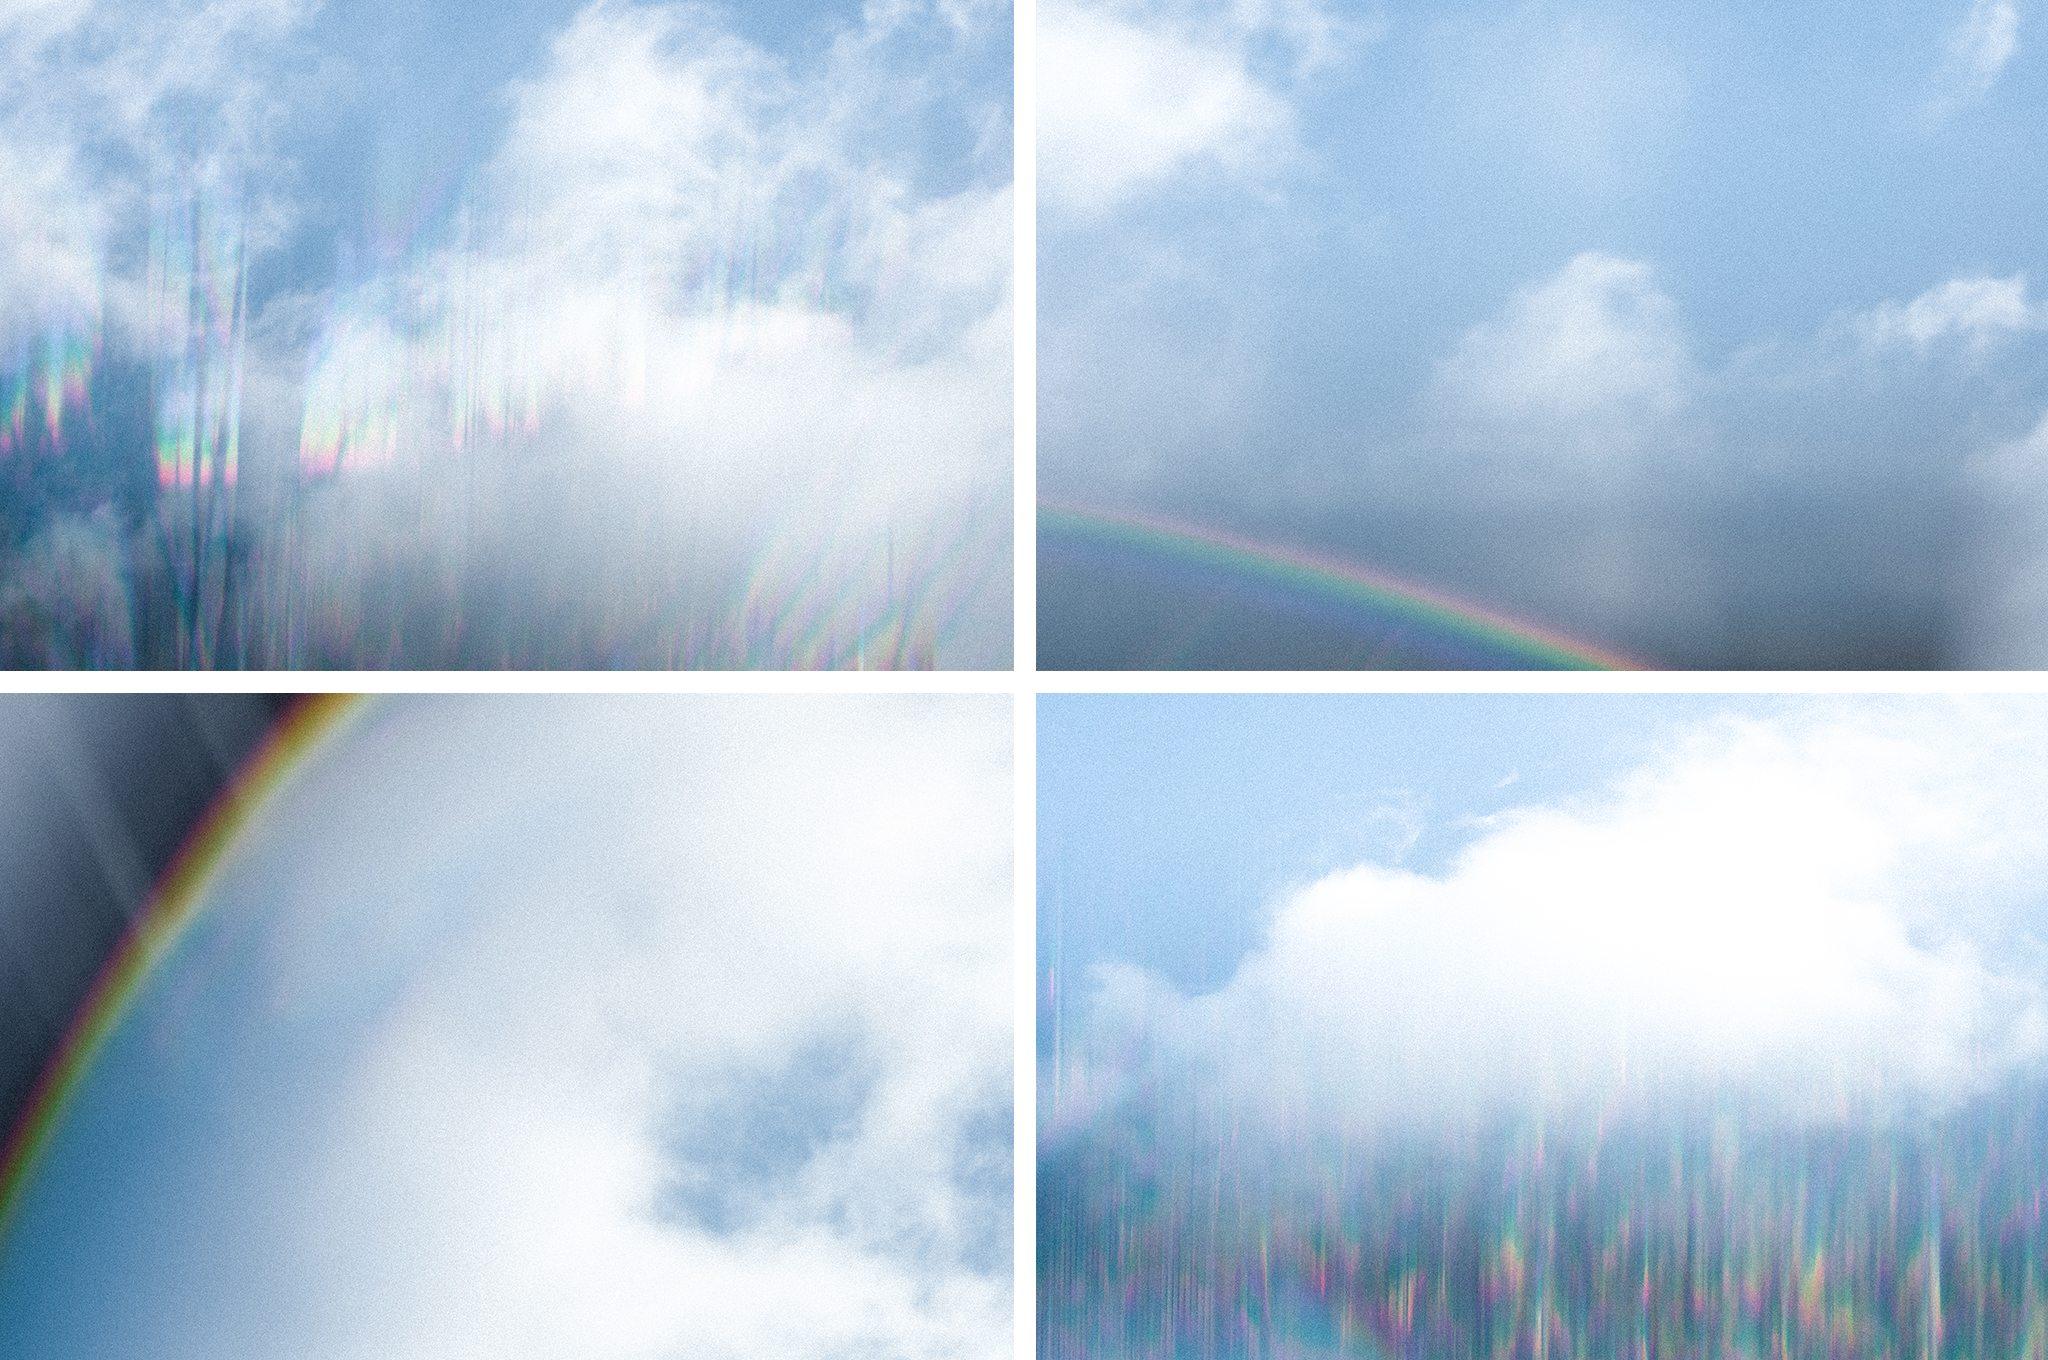 Clouds_6421